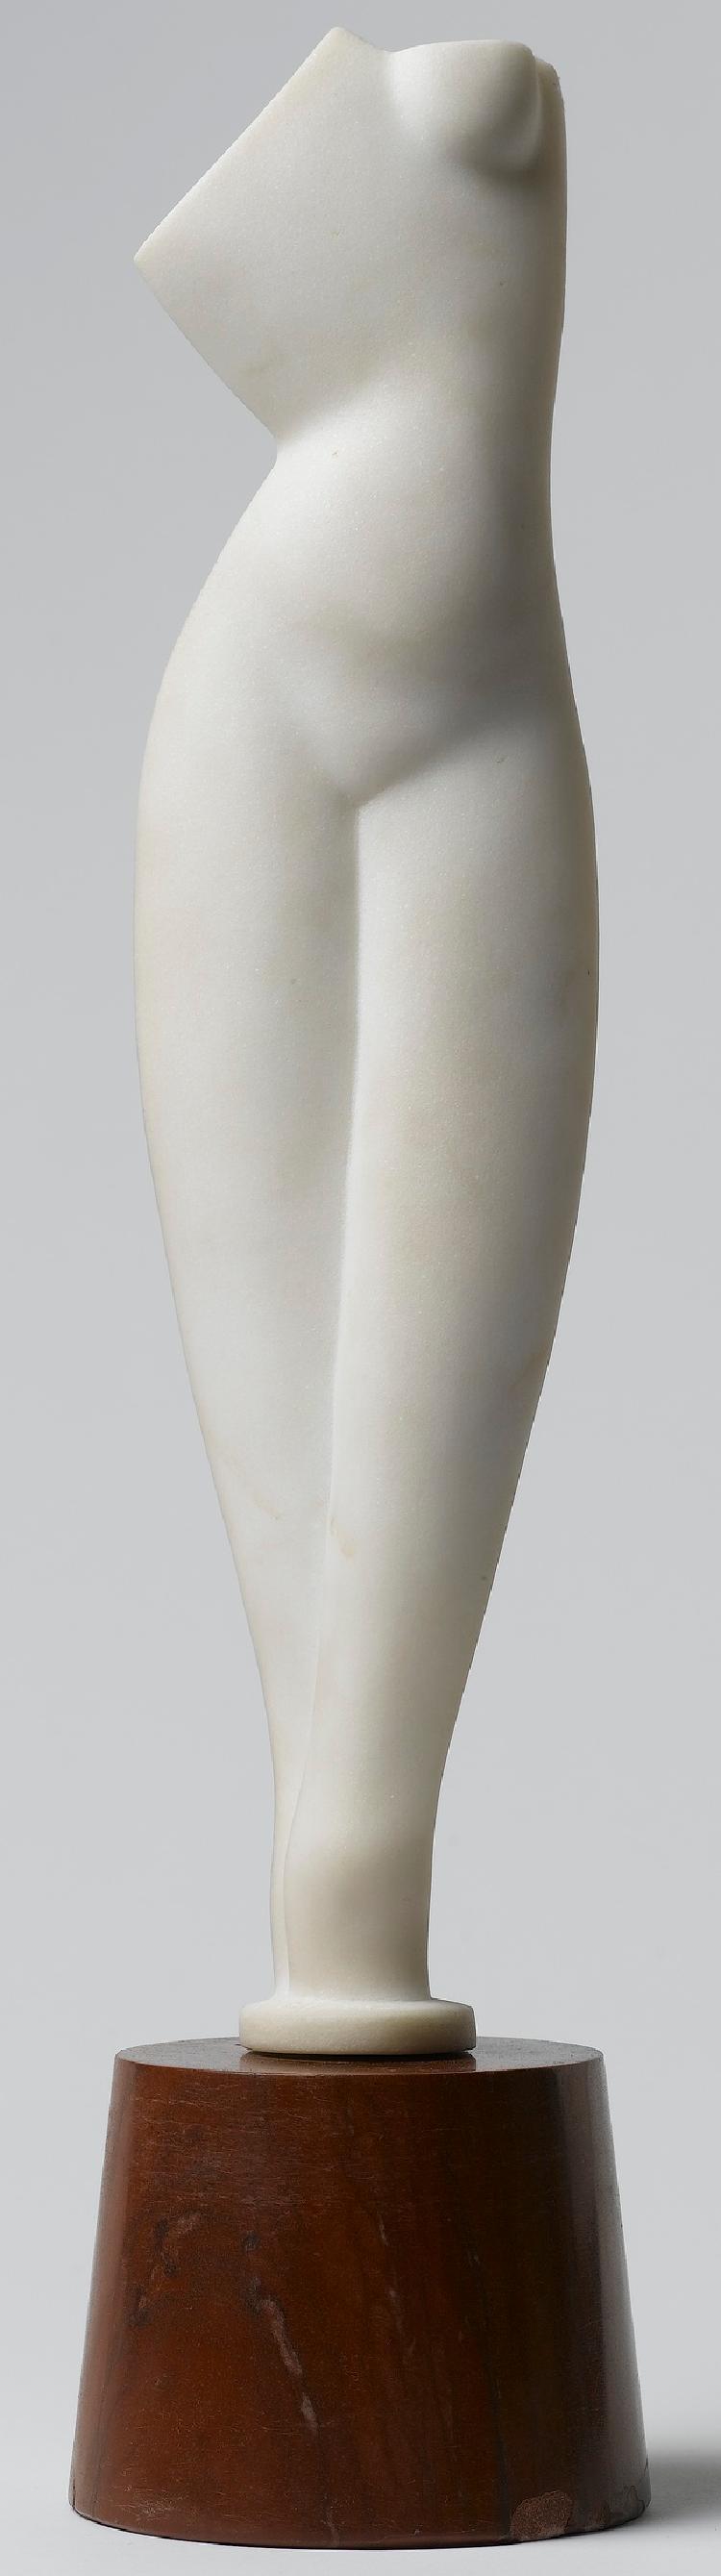 Torse plat (Flacher Torso)